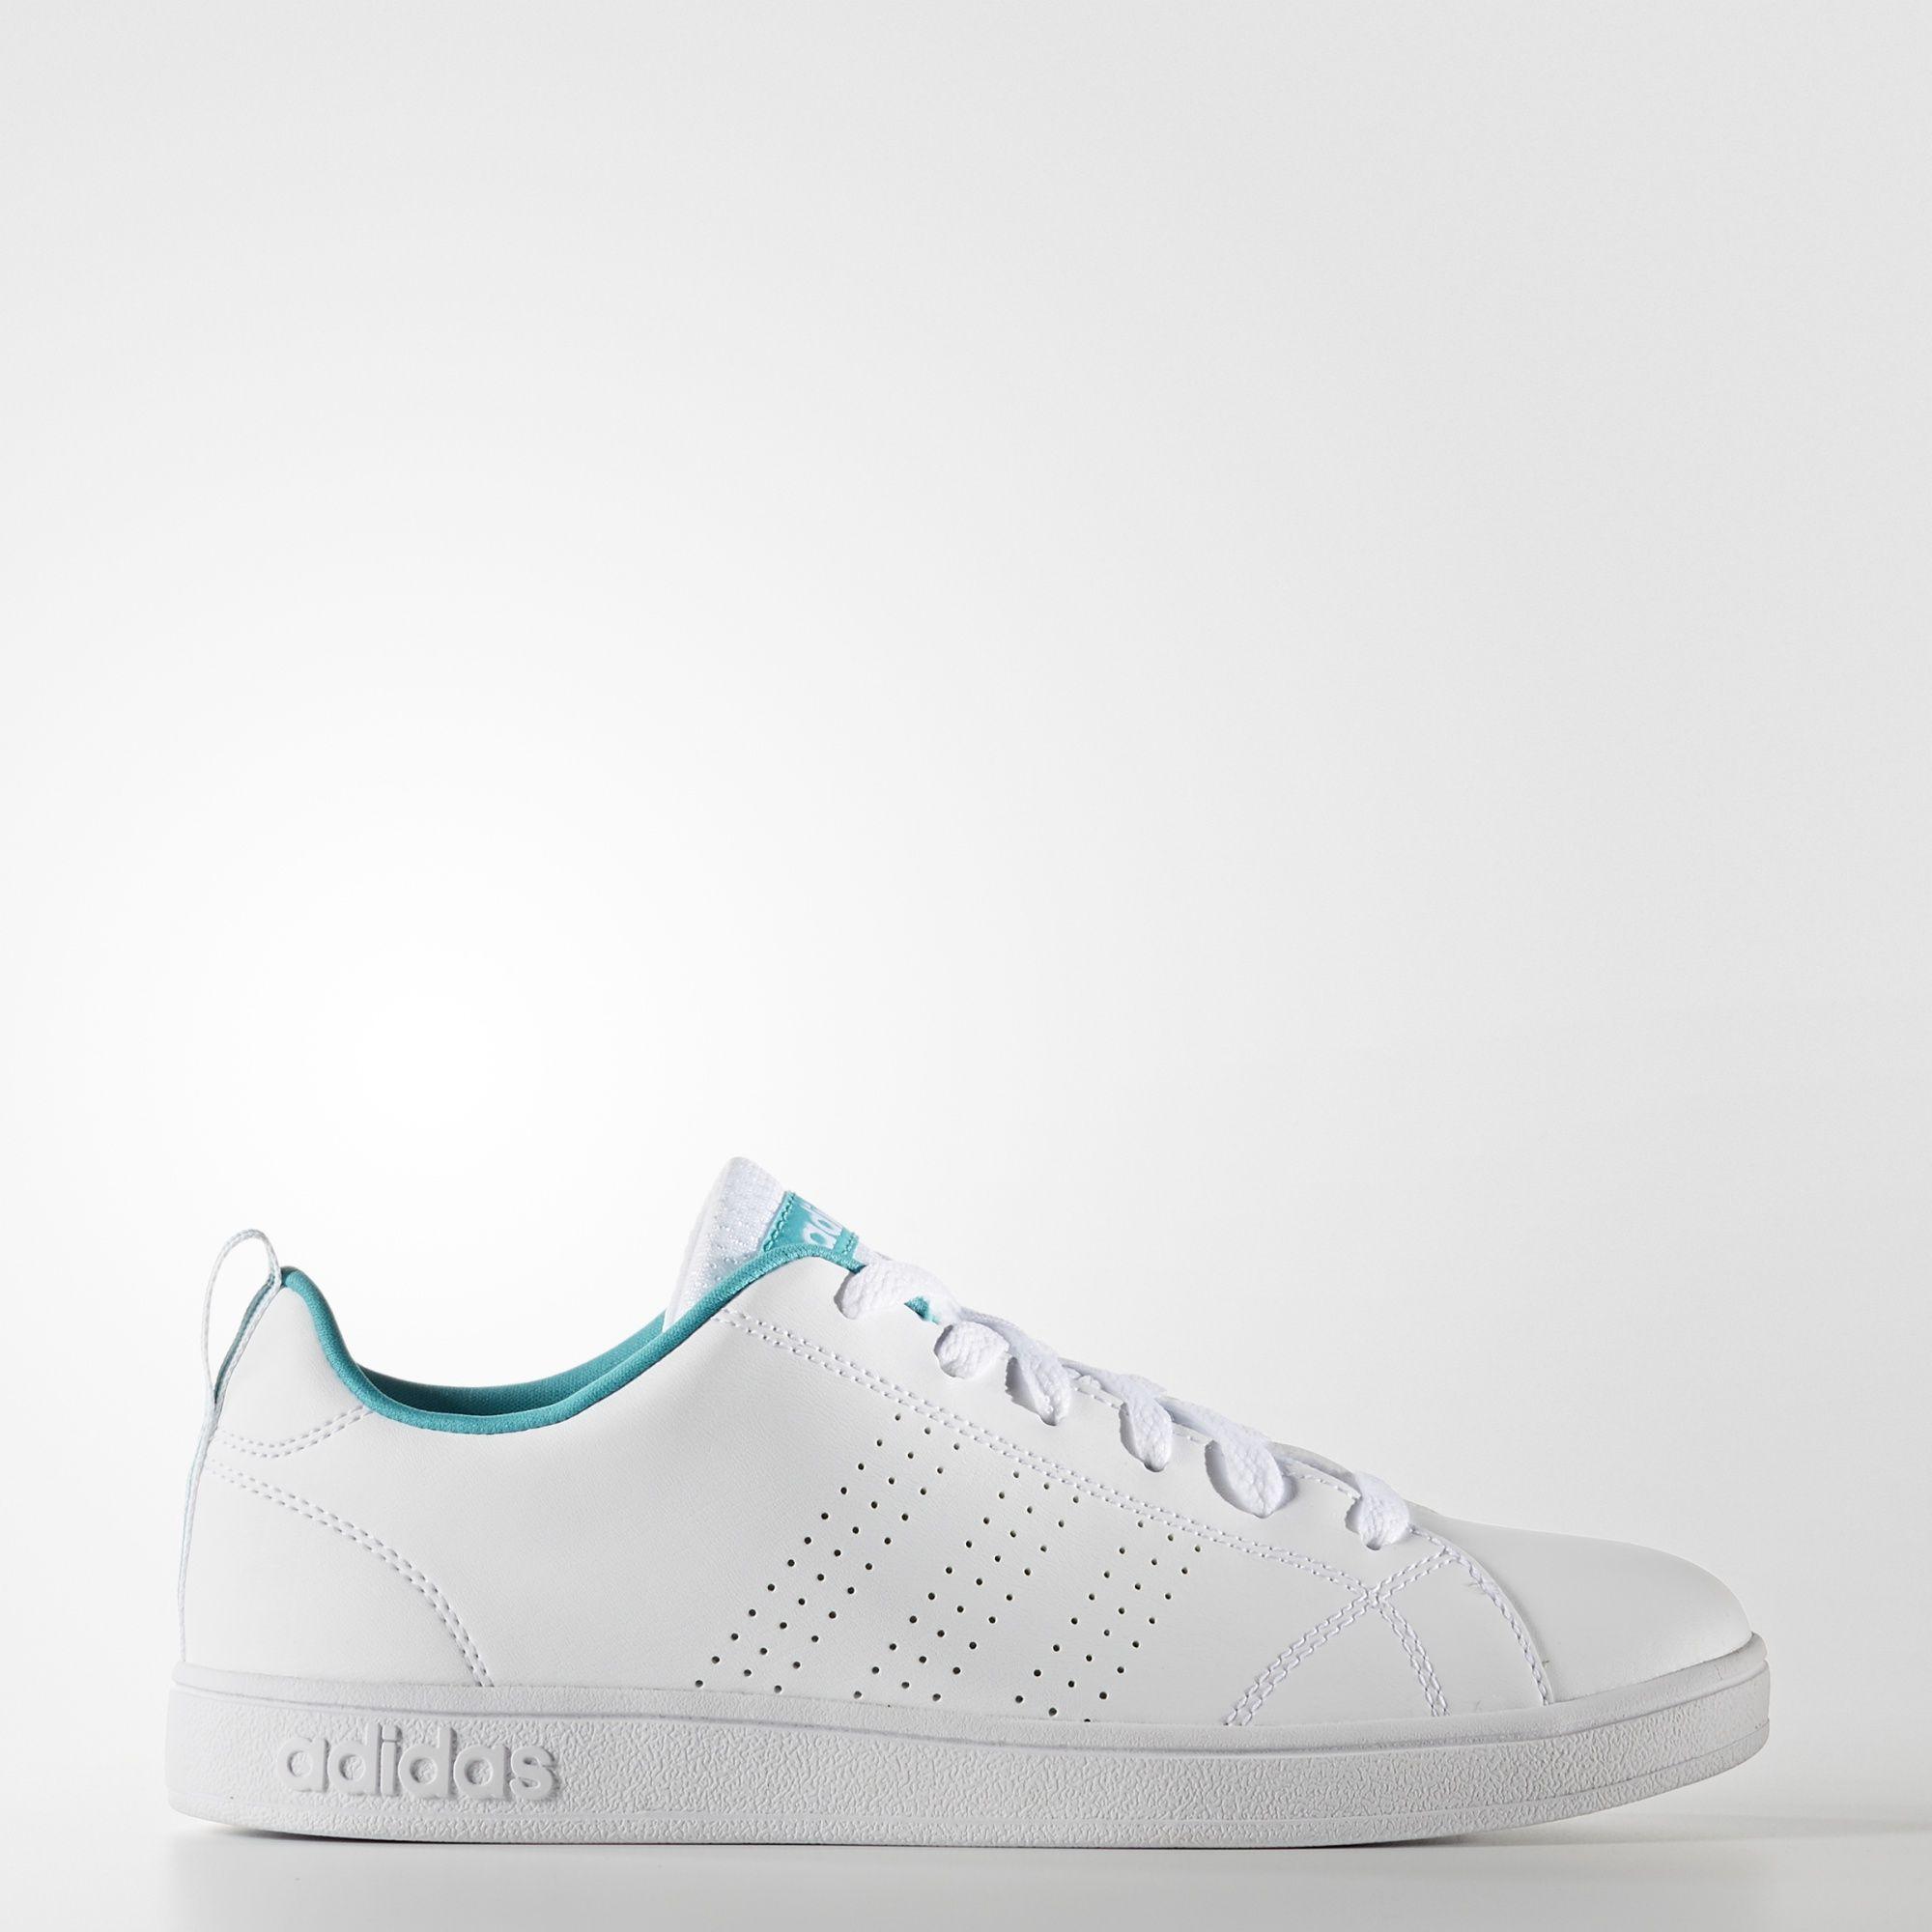 zapatillas adidas neo mujer blancas